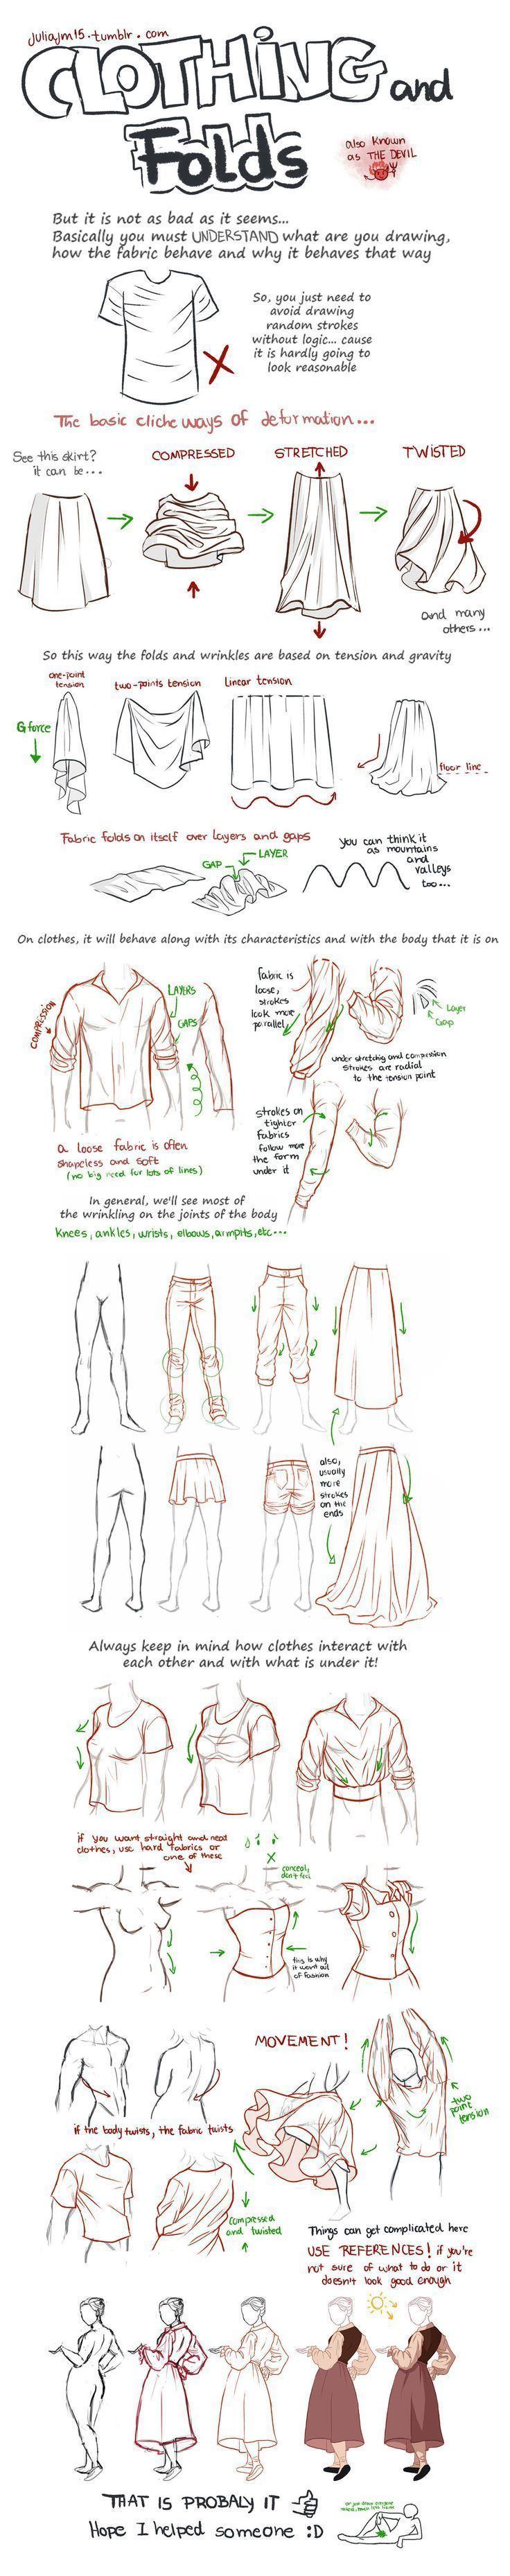 Abbildung zeigt, wie man Stofffalten zeichnet und drapiert. Zeichnen von Falten und